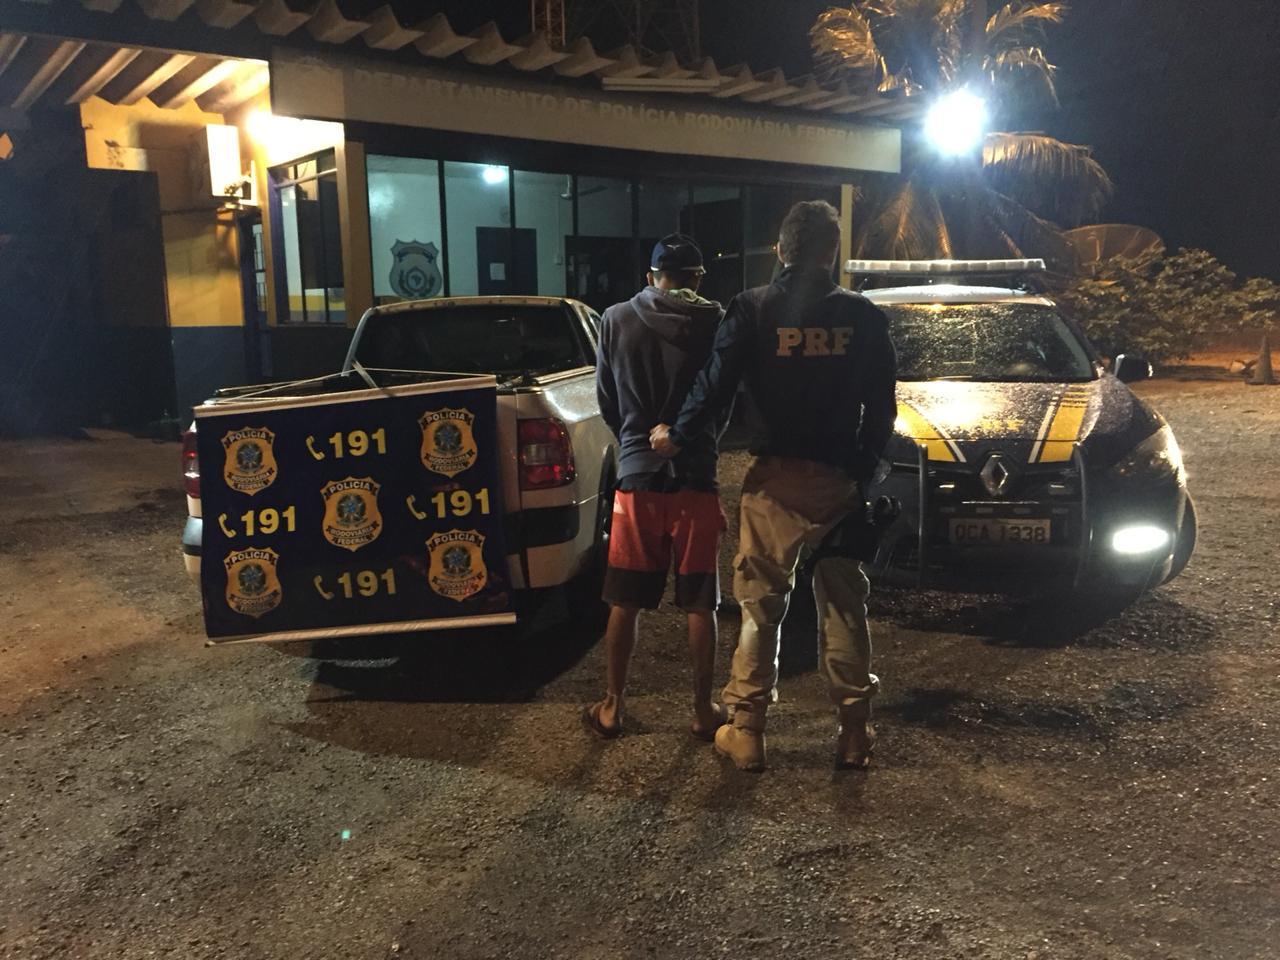 O veículo foi roubado no dia 11 de abril de 2014, em São José dos Campos (SP). (Foto: divulgação PRF/MT)